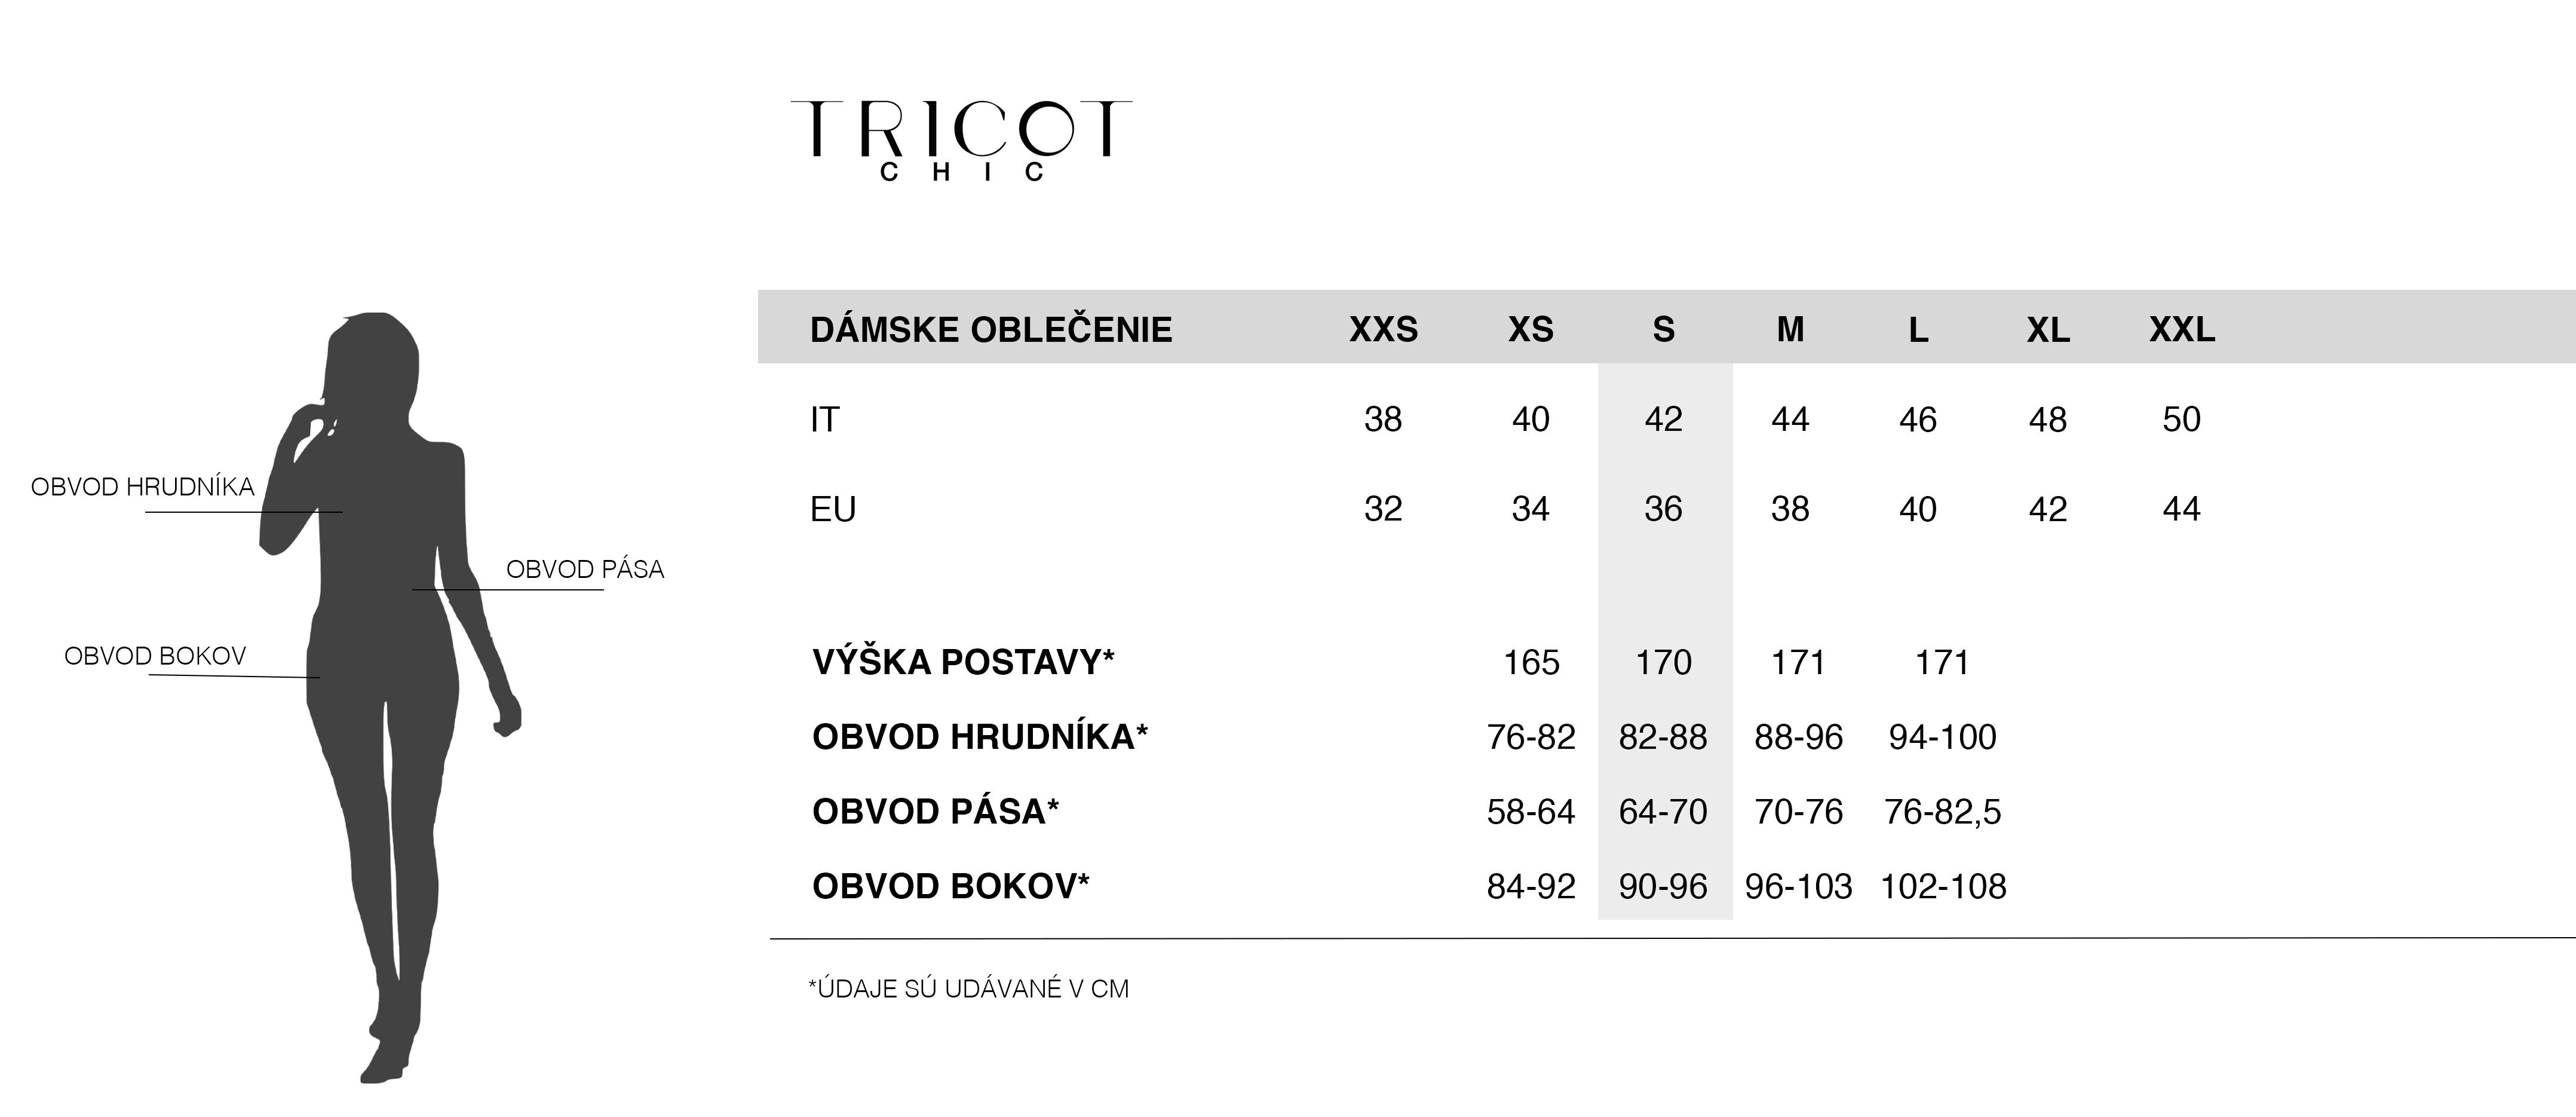 Veľkostná tabuľka Tricot Chic | Dámske oblečenie Tricot Chic